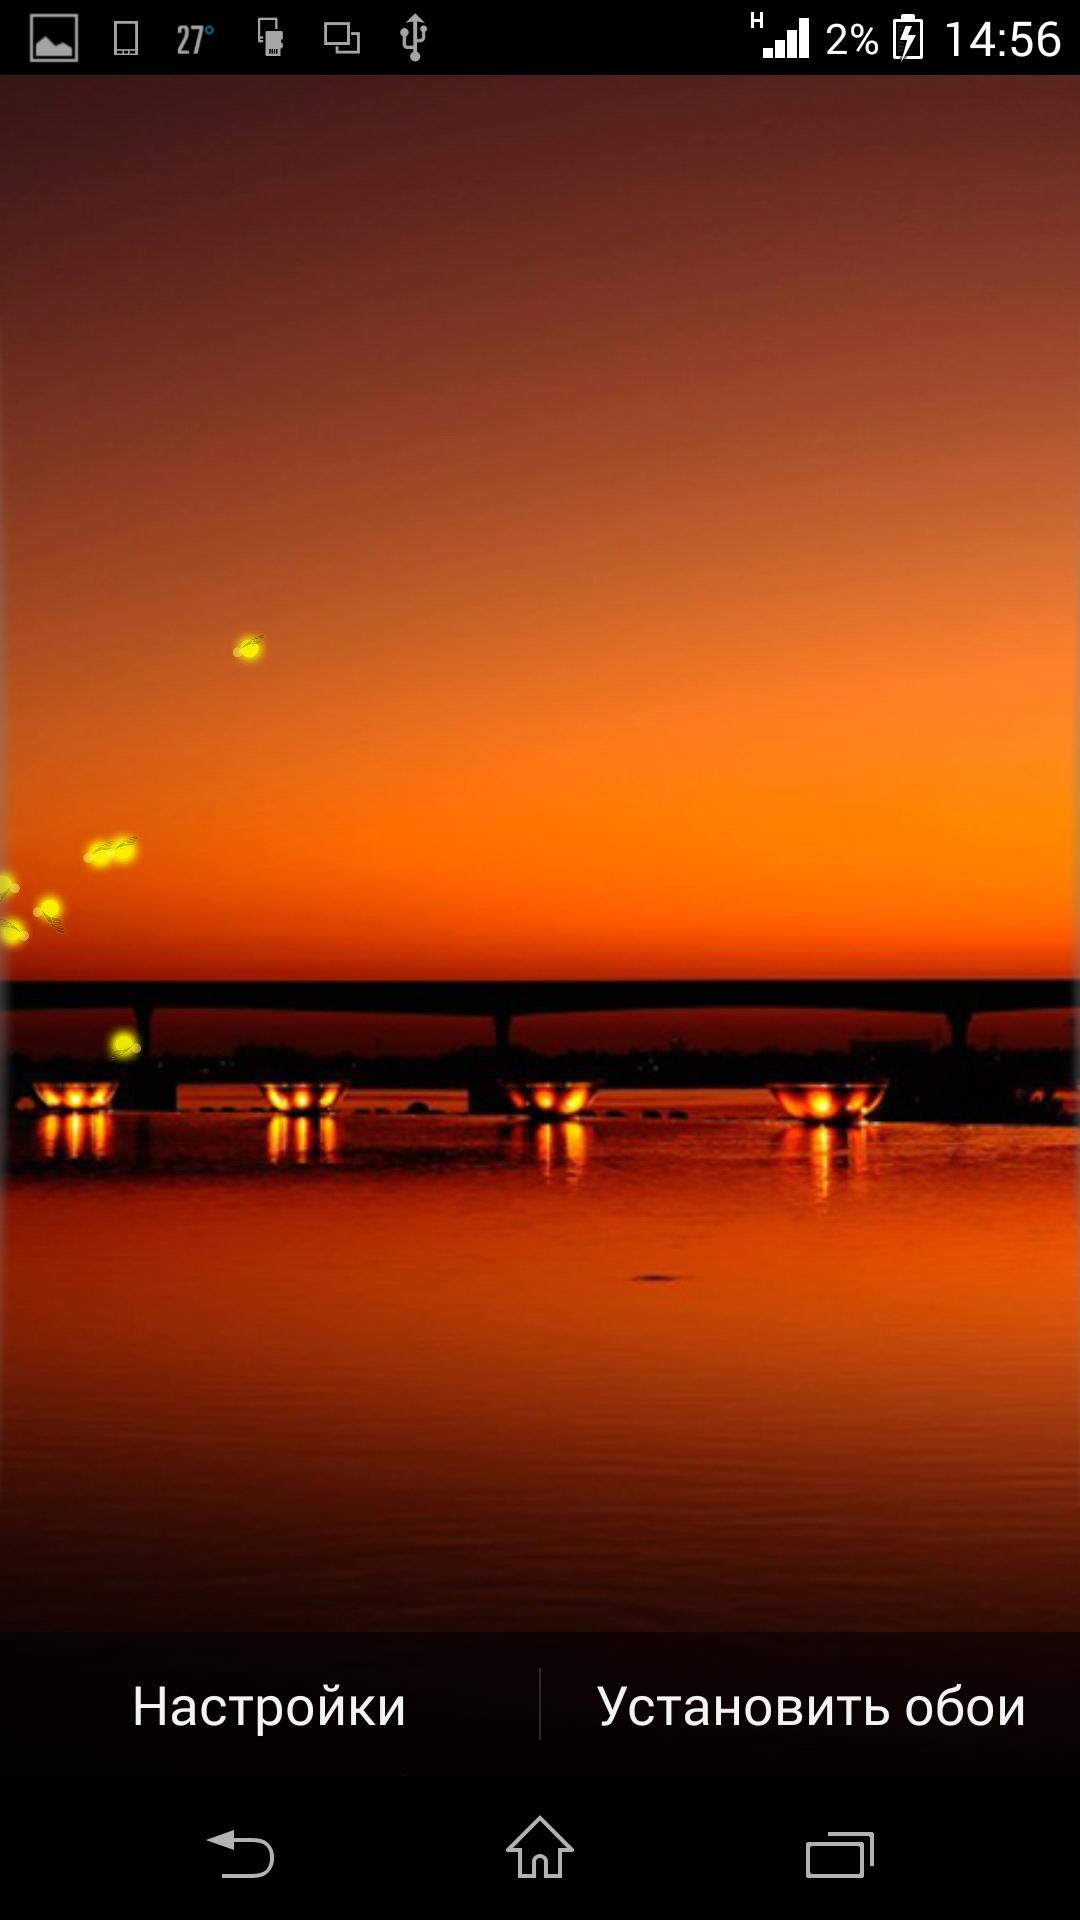 Ночной пейзаж - Glowworm Live Wallpaper для Android